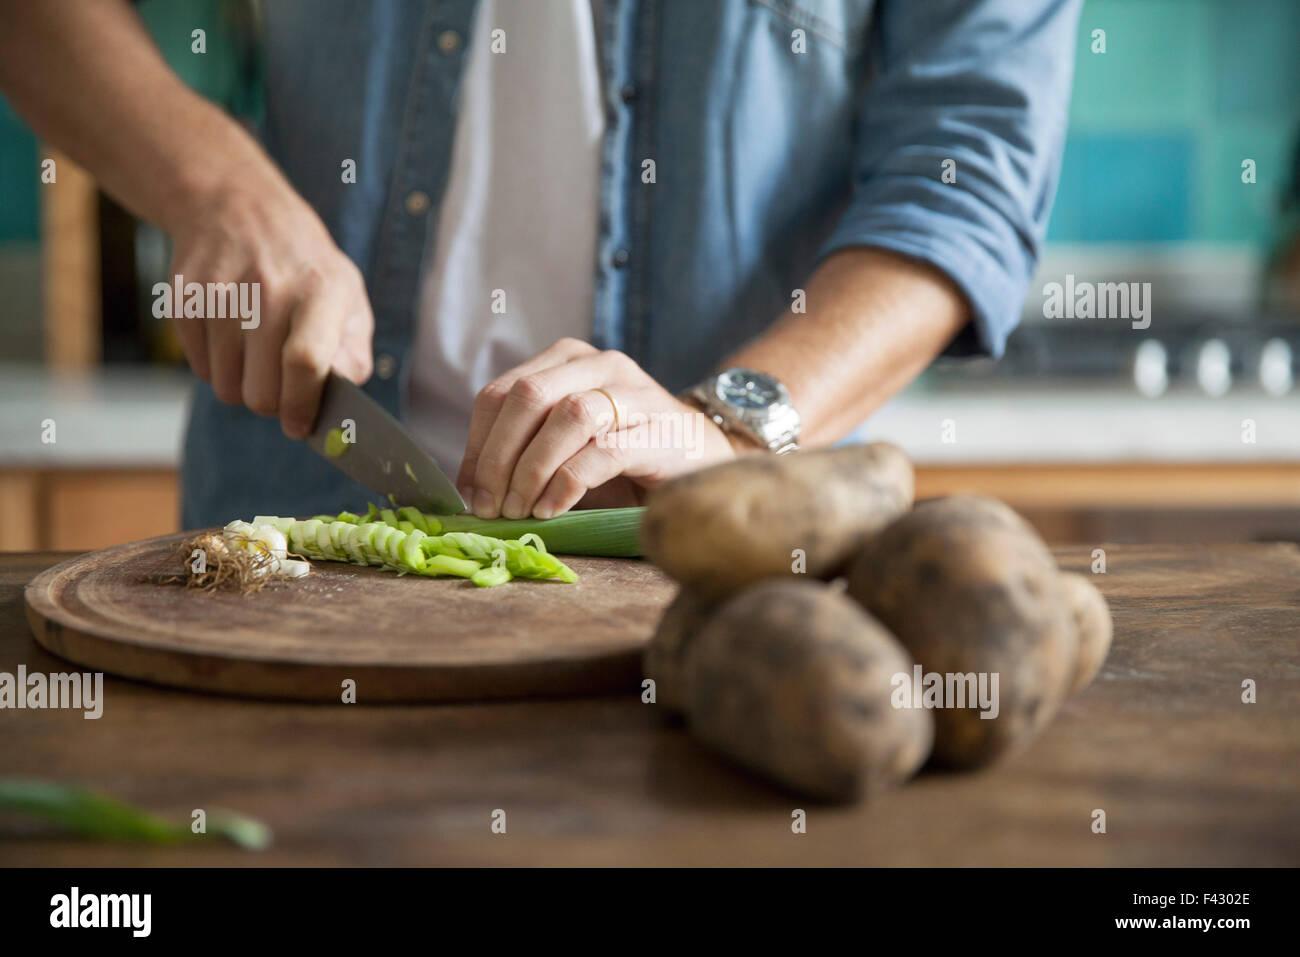 Coupe homme oignon de printemps dans la cuisine Photo Stock